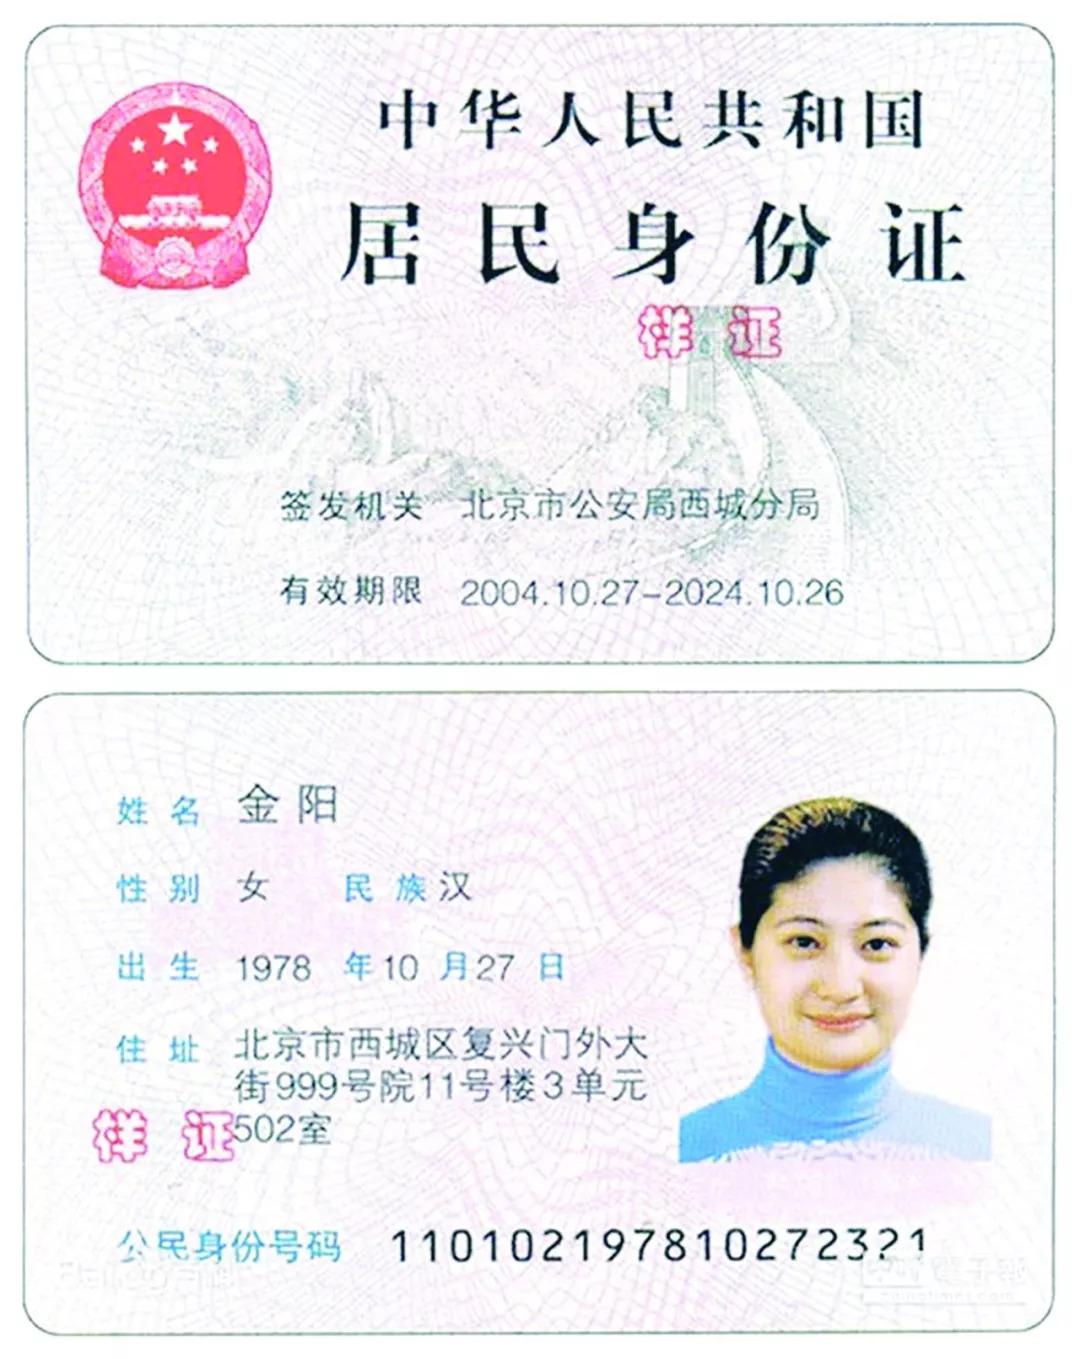 最新人的身份证号和姓名